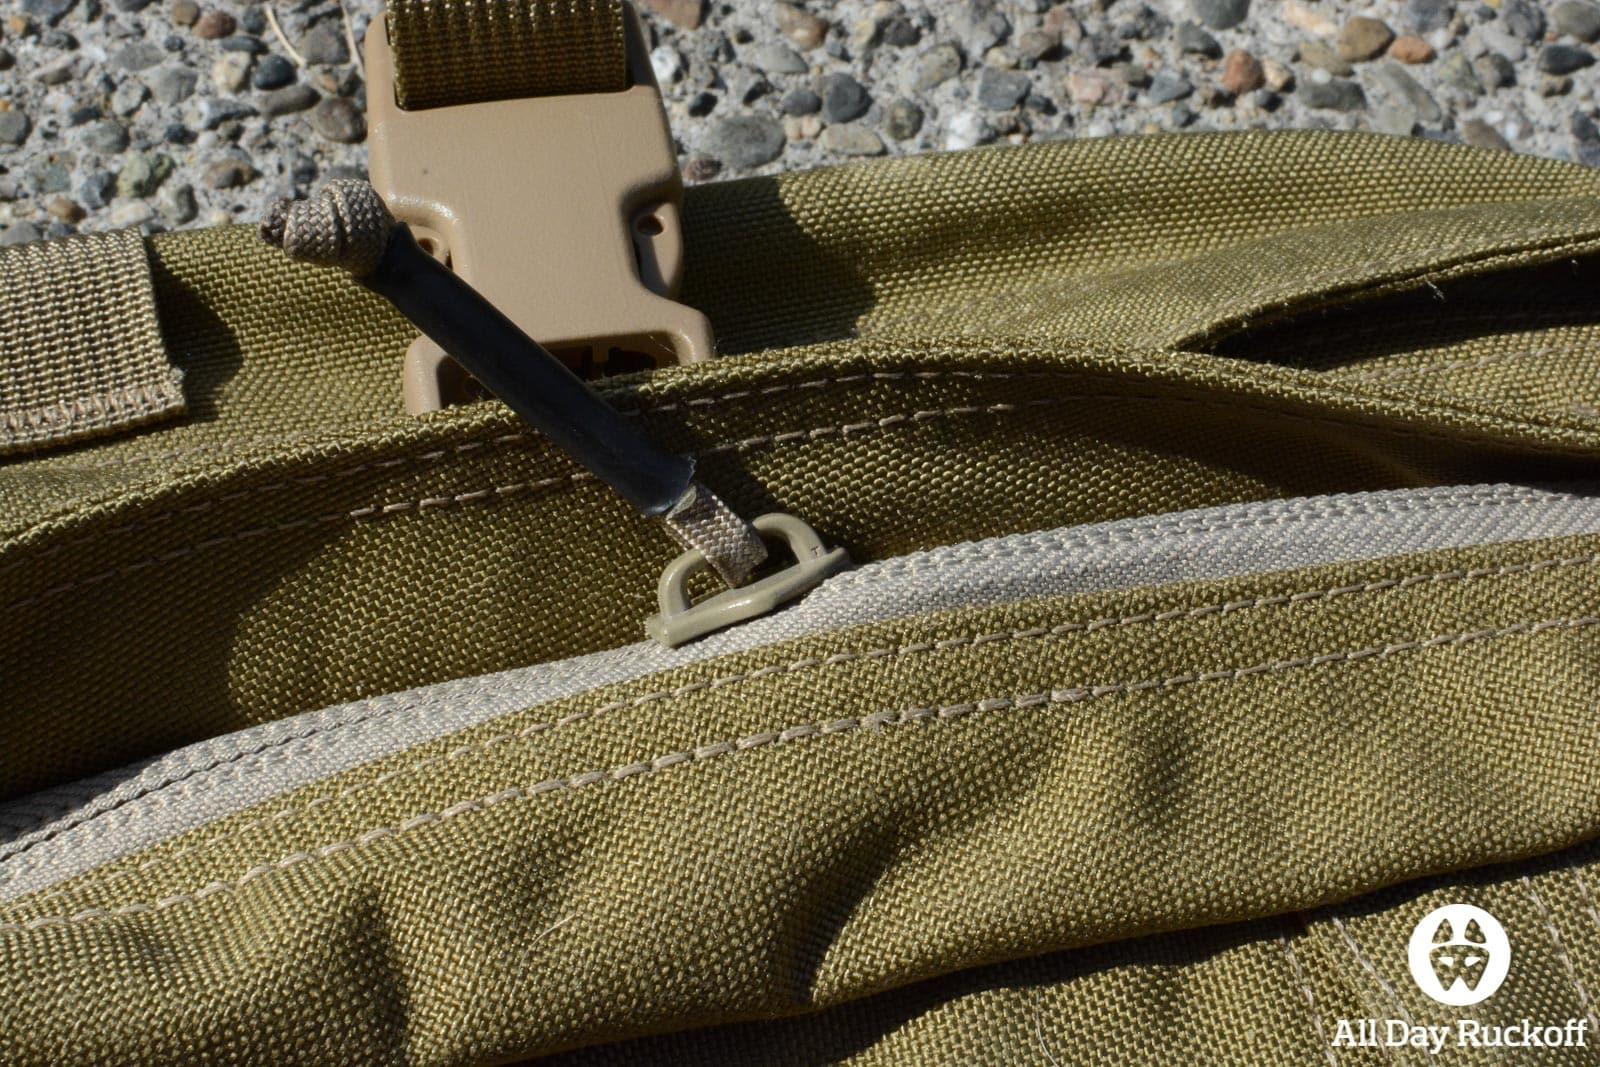 GR2 Comparison - 2013 Zipper